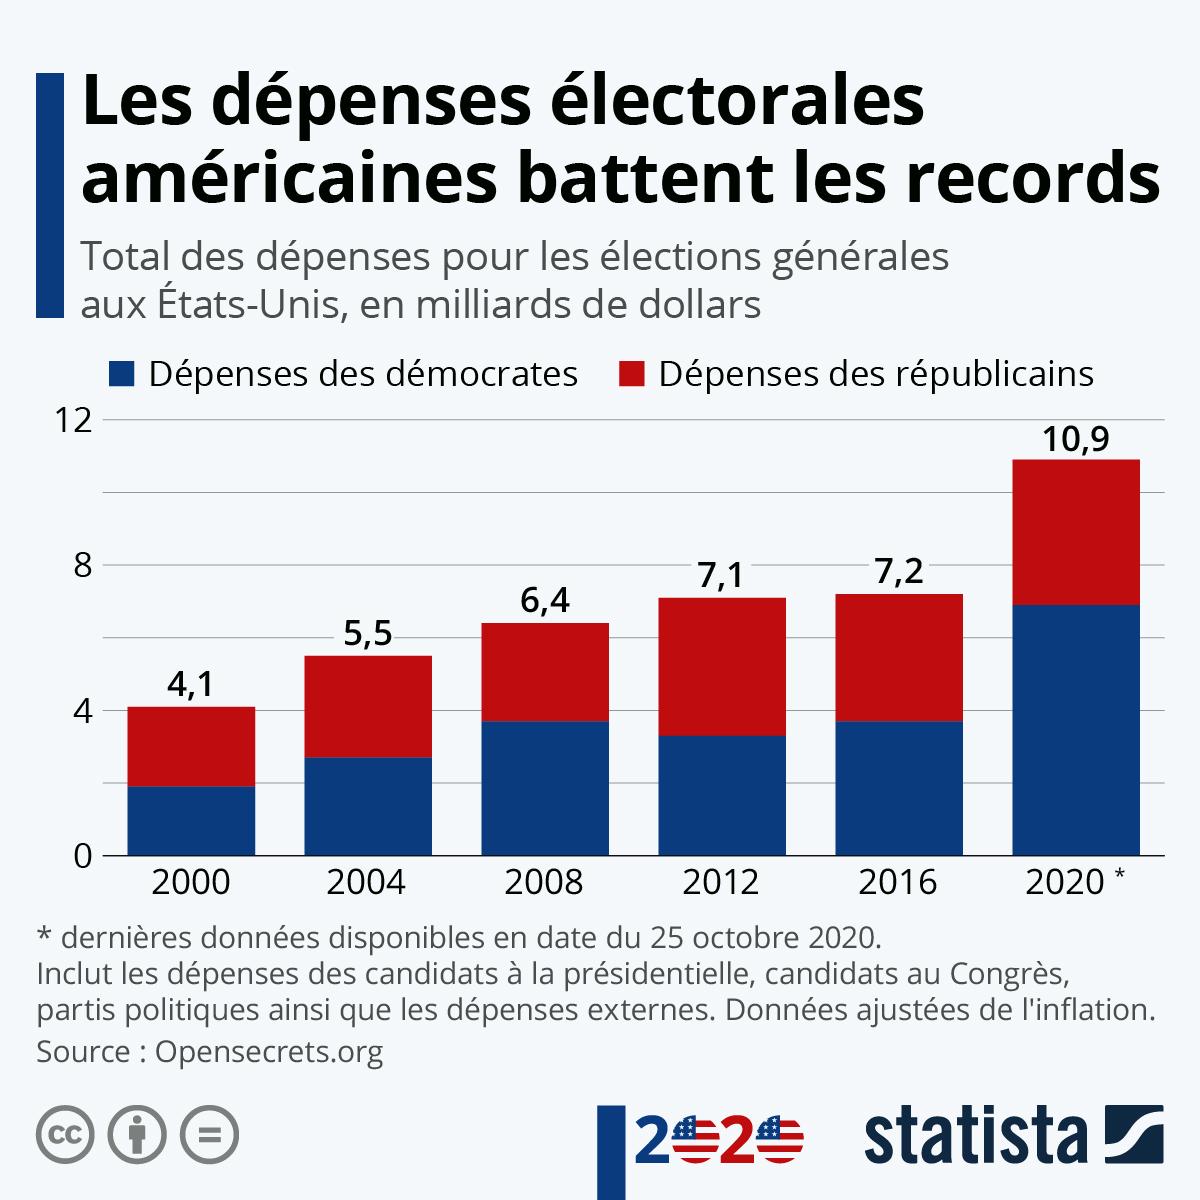 Infographie: Les dépenses électorales américaines battent les records | Statista